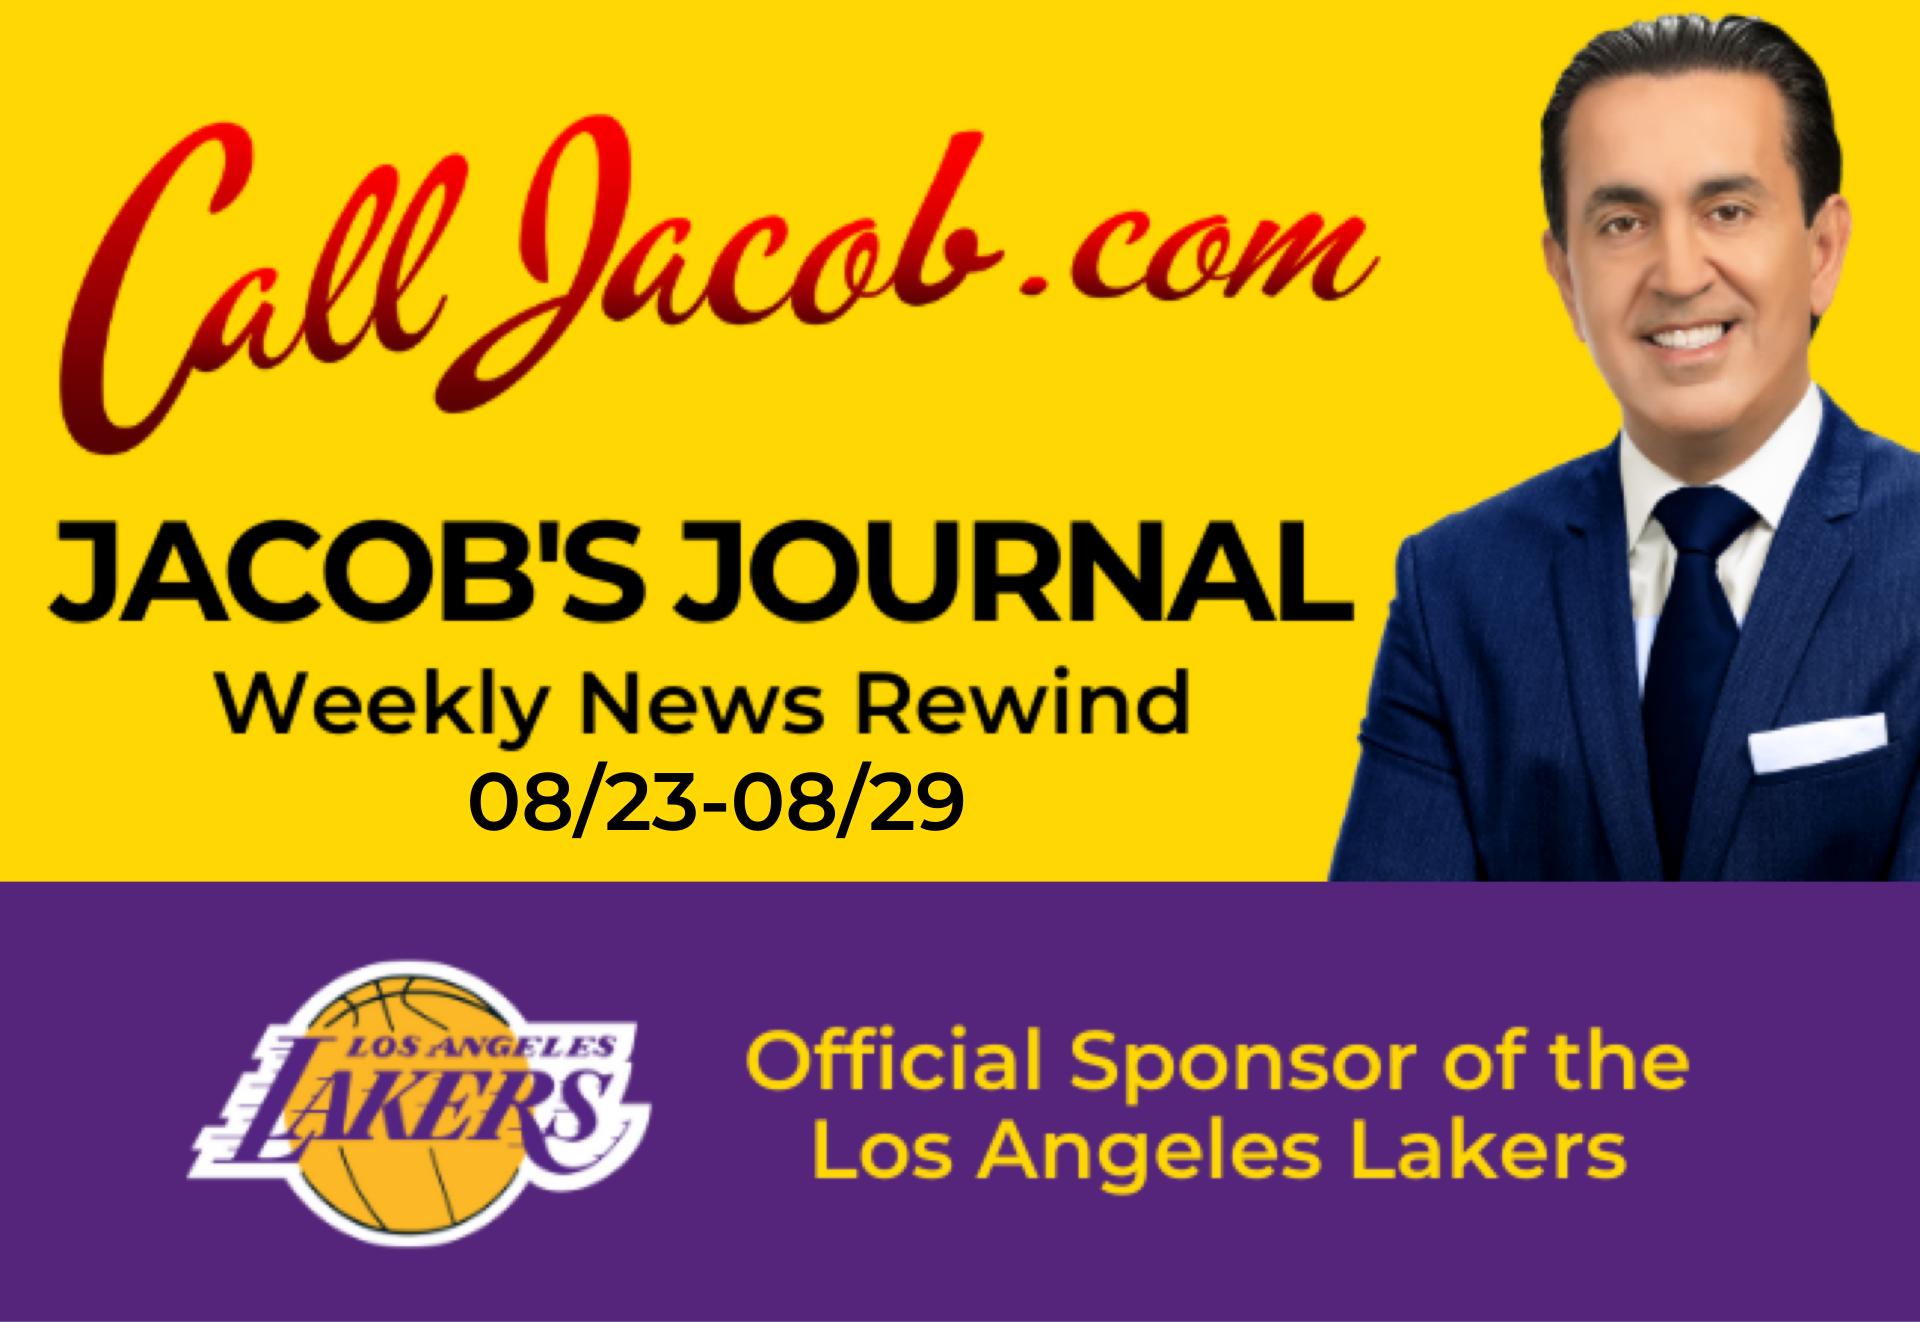 Jacob's Journal 08/23-08/29